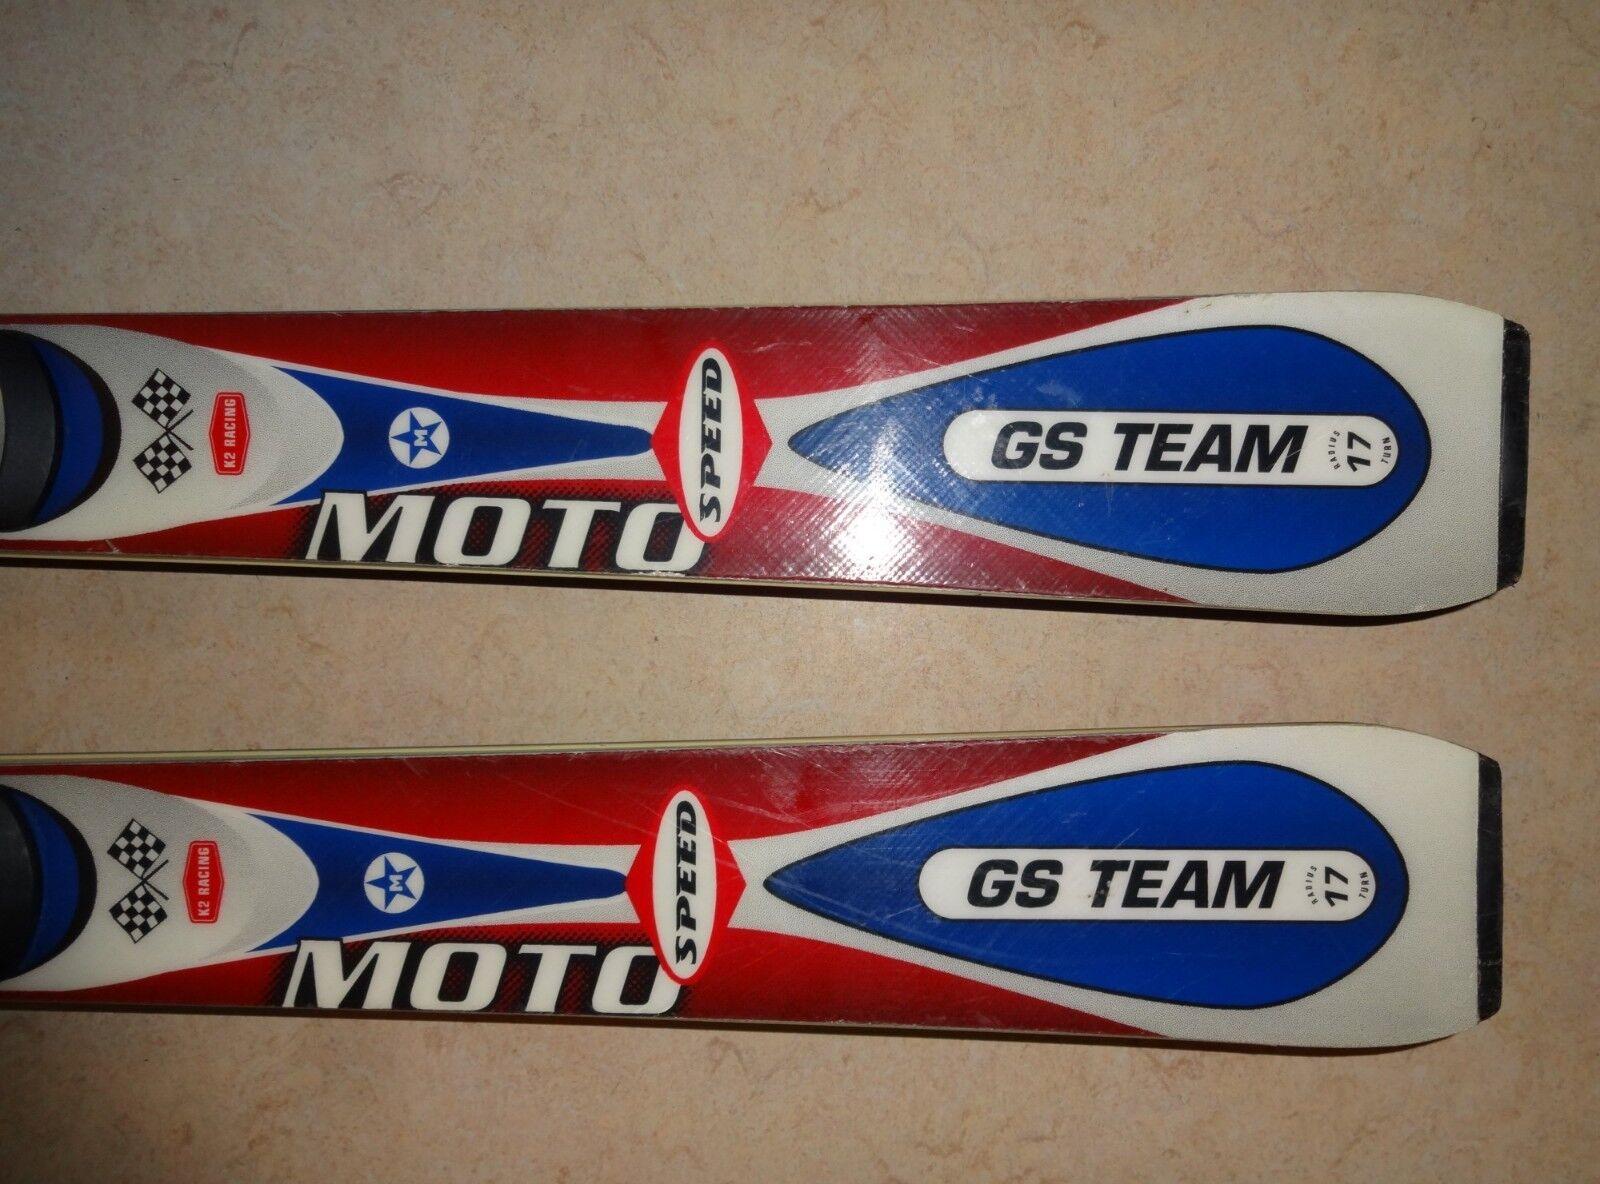 K2 Moto GS GS GS Team Ski 1,67 Voekl Head Atomic Ski Marker Bindung 16ae86